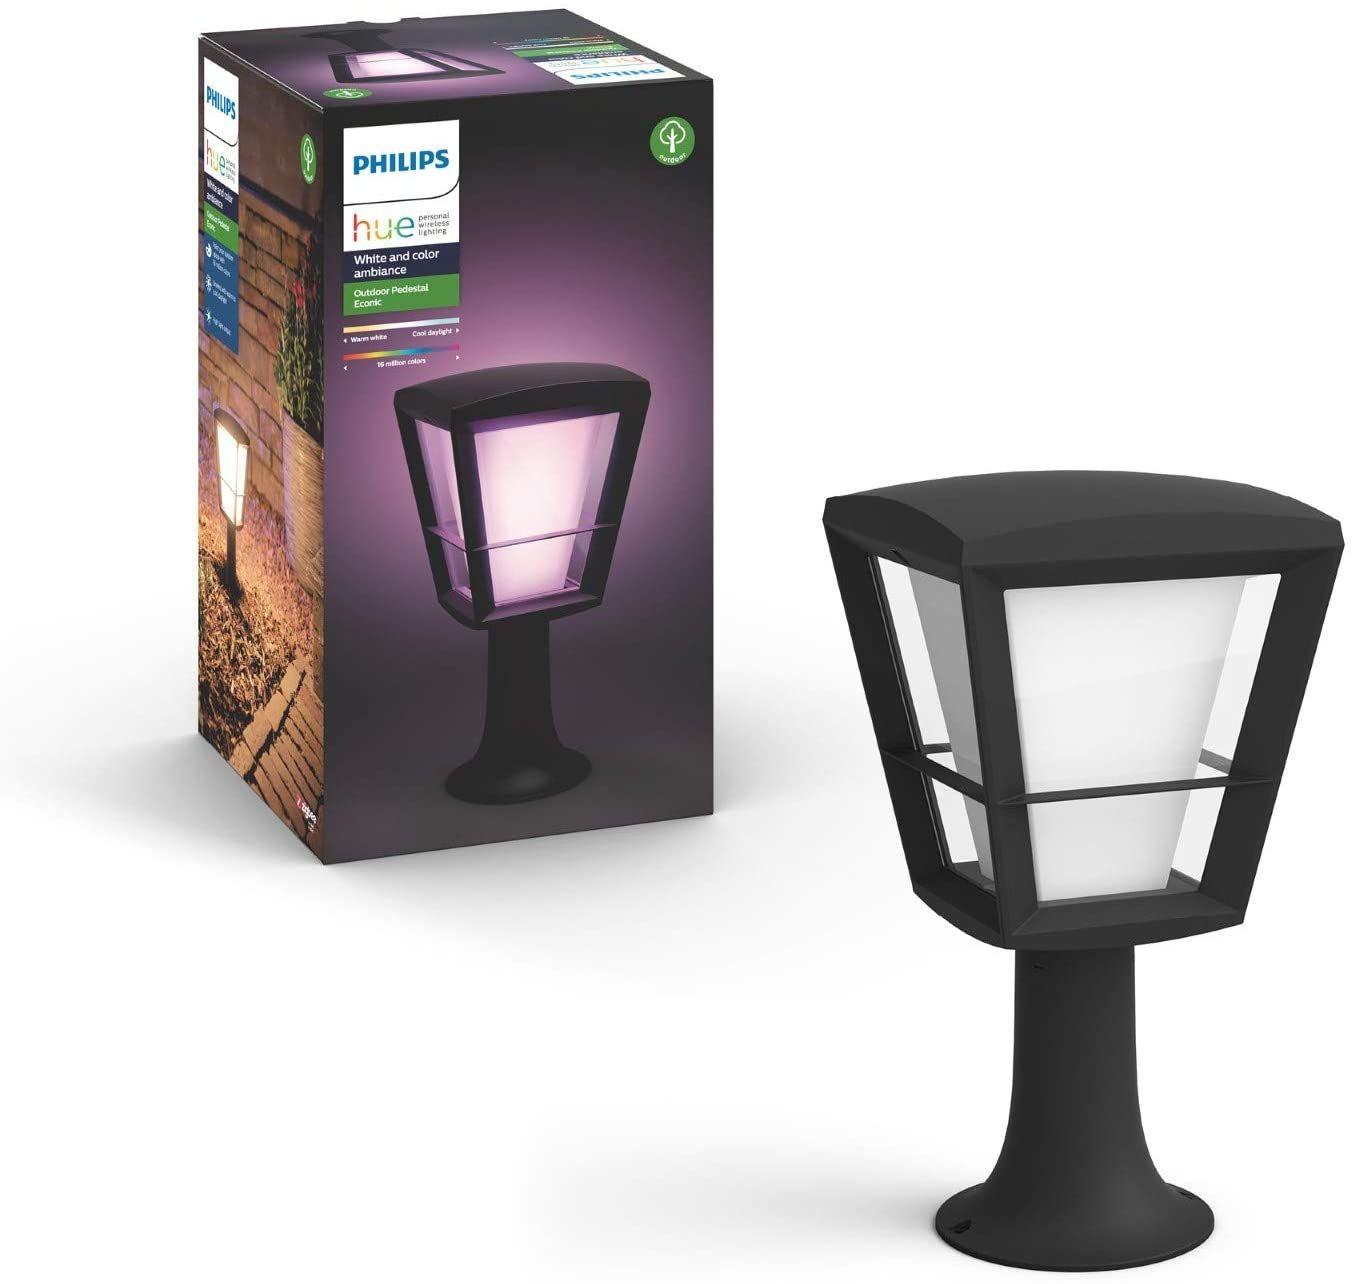 [Amazon ES] Philips Hue 3 für 2 Aktion - 3 x Econic Outdoor Sockelleuchte 282,99€ | 3x Outdoor Lightstrip 2m 214,50€